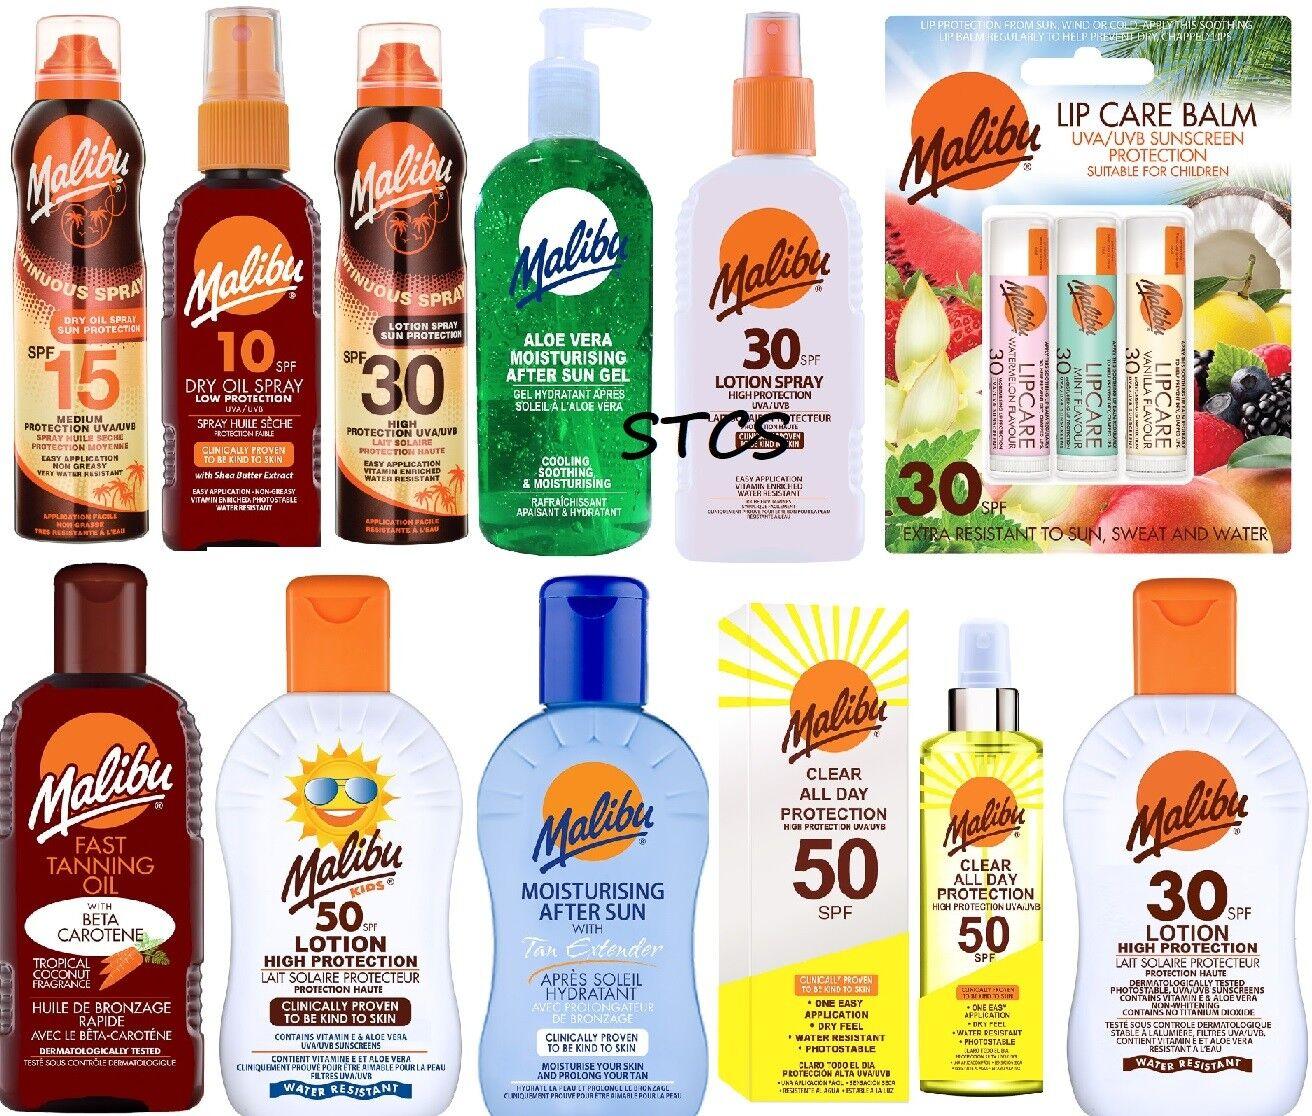 Malibu Sun Care - Kids Lotion / After Sun / Dry Oil Spray / Aloe Vera Gel / Tan